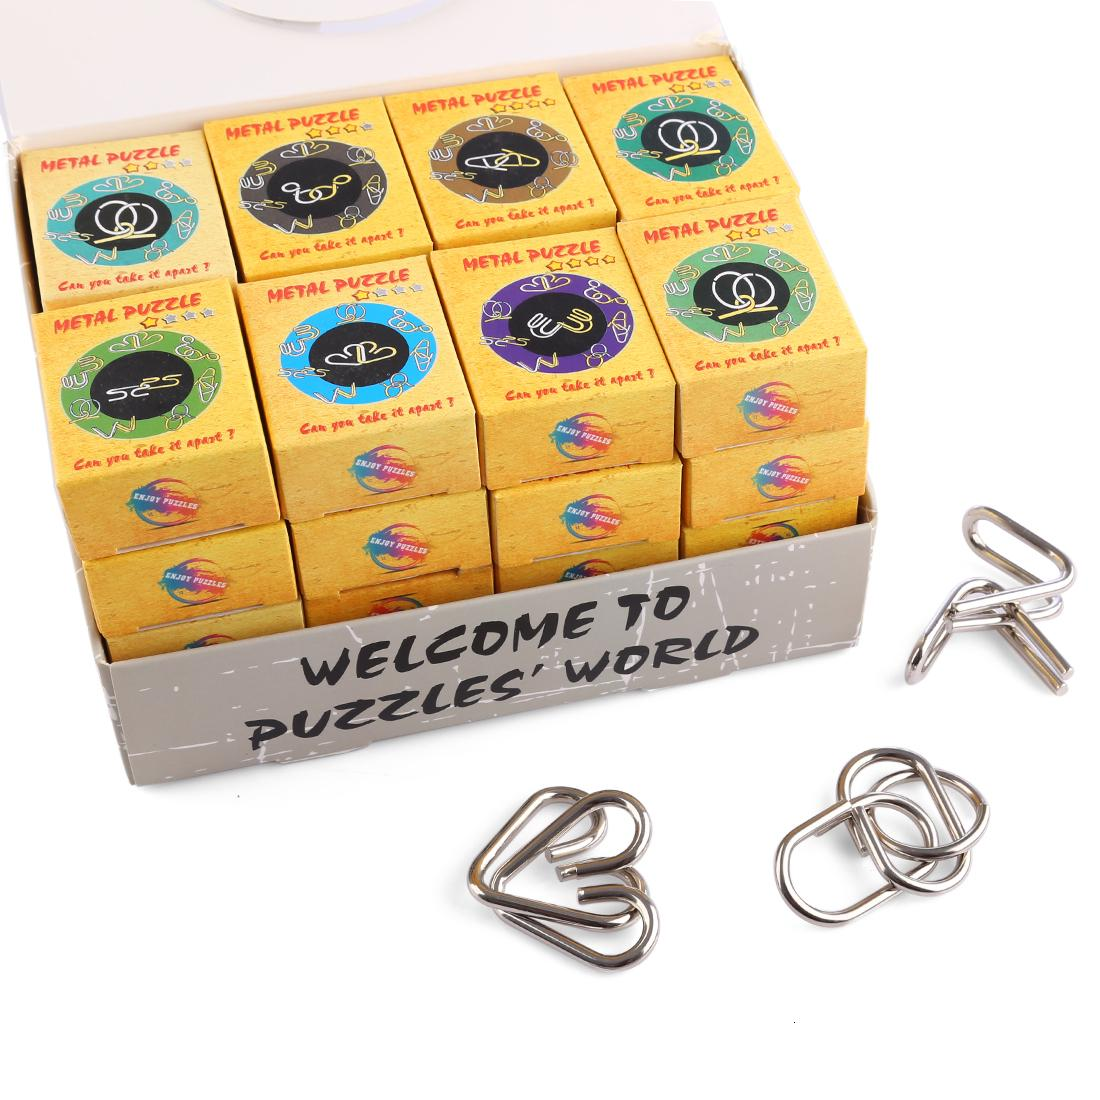 32 Pcs Clássico Inteligente Montessori Quebra-cabeças de Arame De Metal Quebra-cabeças Anéis Mágicos Anéis Jogo Brinquedos para Crianças Adultos Presentes Dos Miúdos SH190911